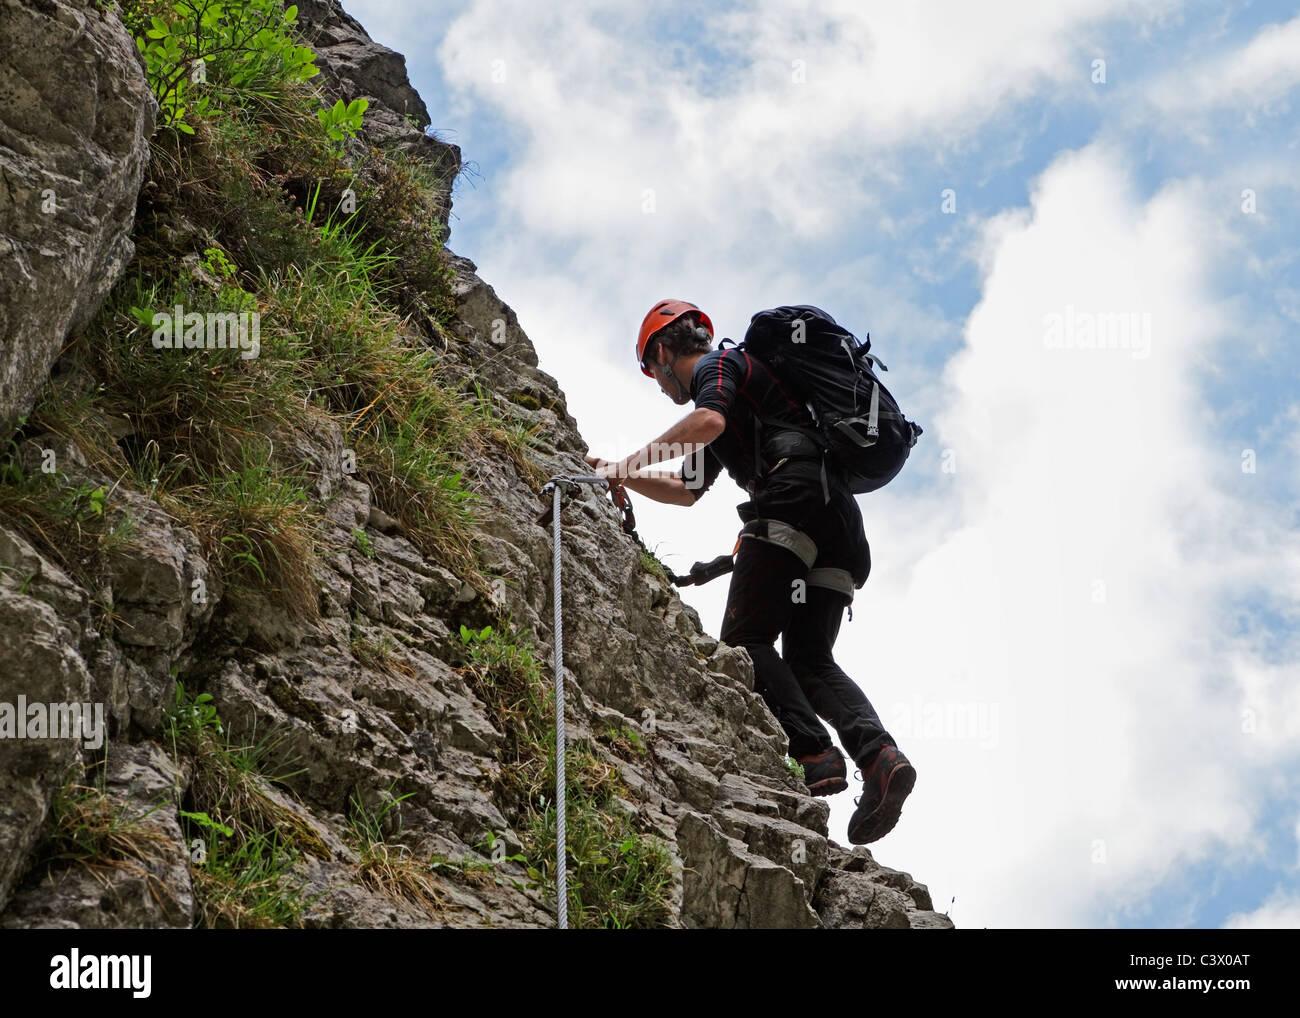 Klettersteig Austria : Der boom ums klettern klettersteige und die frage sicherheit